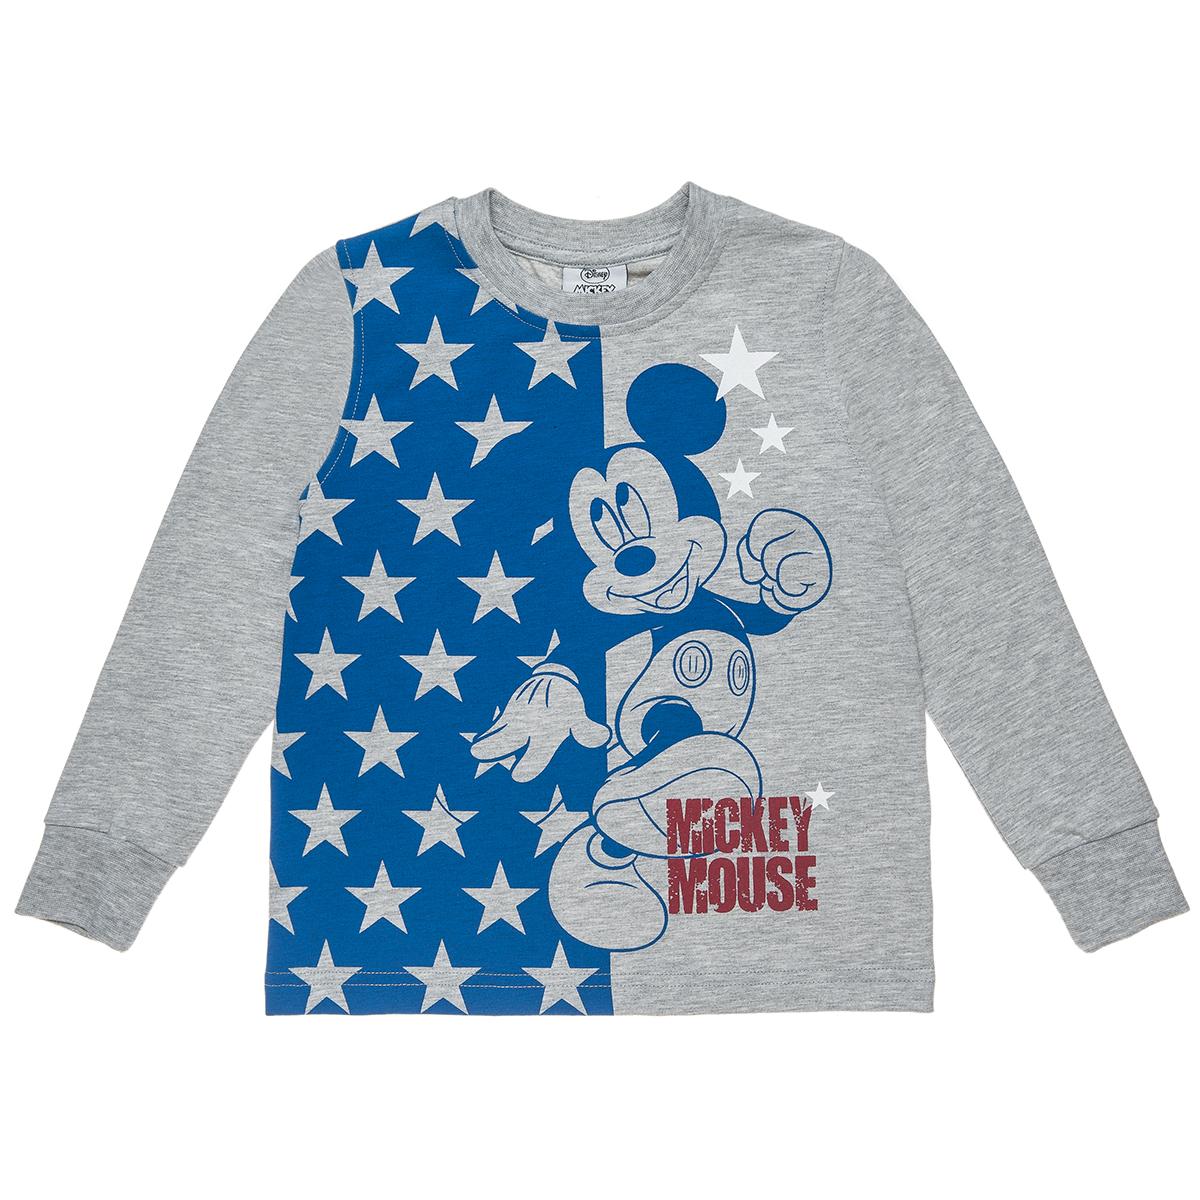 Μπλούζα Disney μελανζέ με τύπωμα Mickey Mouse (Αγόρι 2-8 ετών) 00320830 - ΓΚΡΙ ΜΕΛΑΝΖΕ - 3981-0208/3/234/103